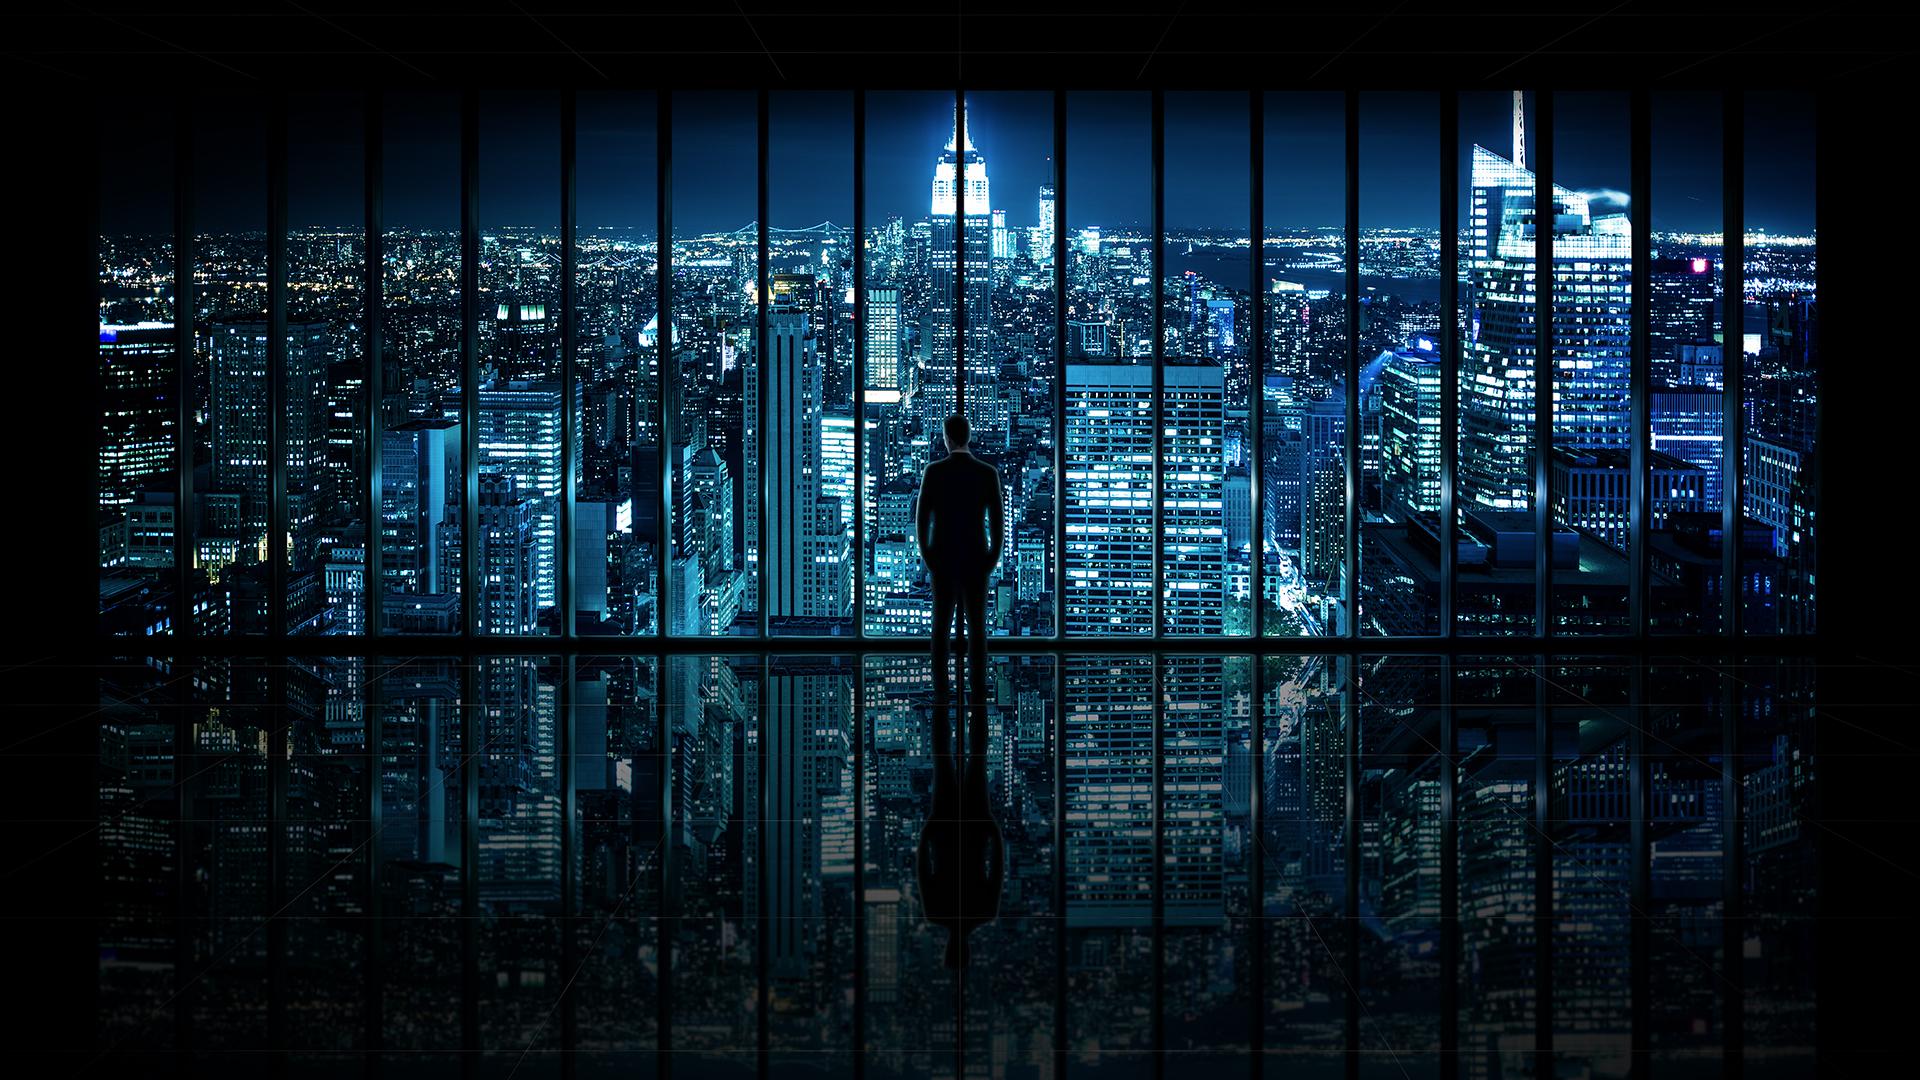 Window to gotham city wallpaper dottech - Gotham wallpaper ...